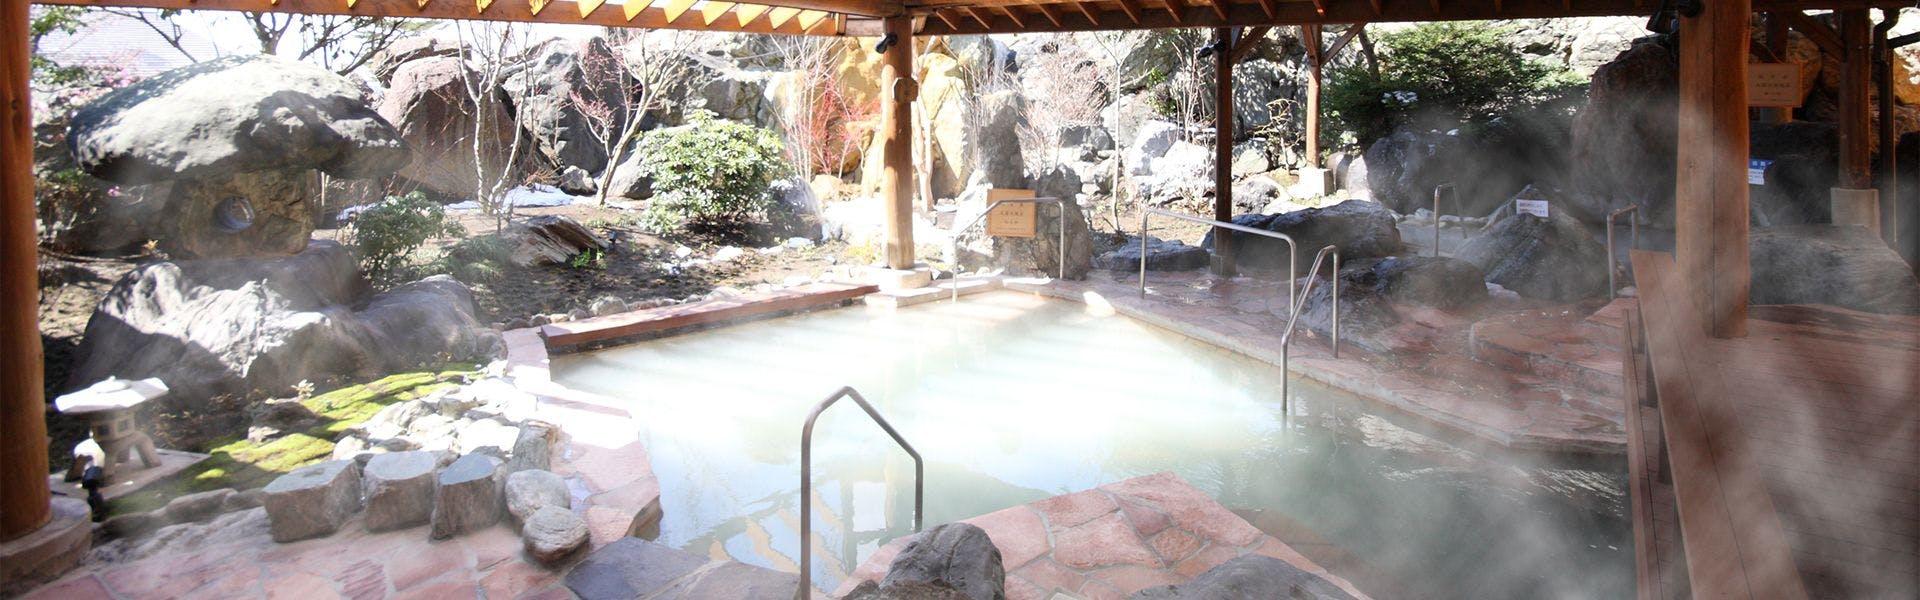 記念日におすすめのホテル・ホテルサンバレー那須の写真1